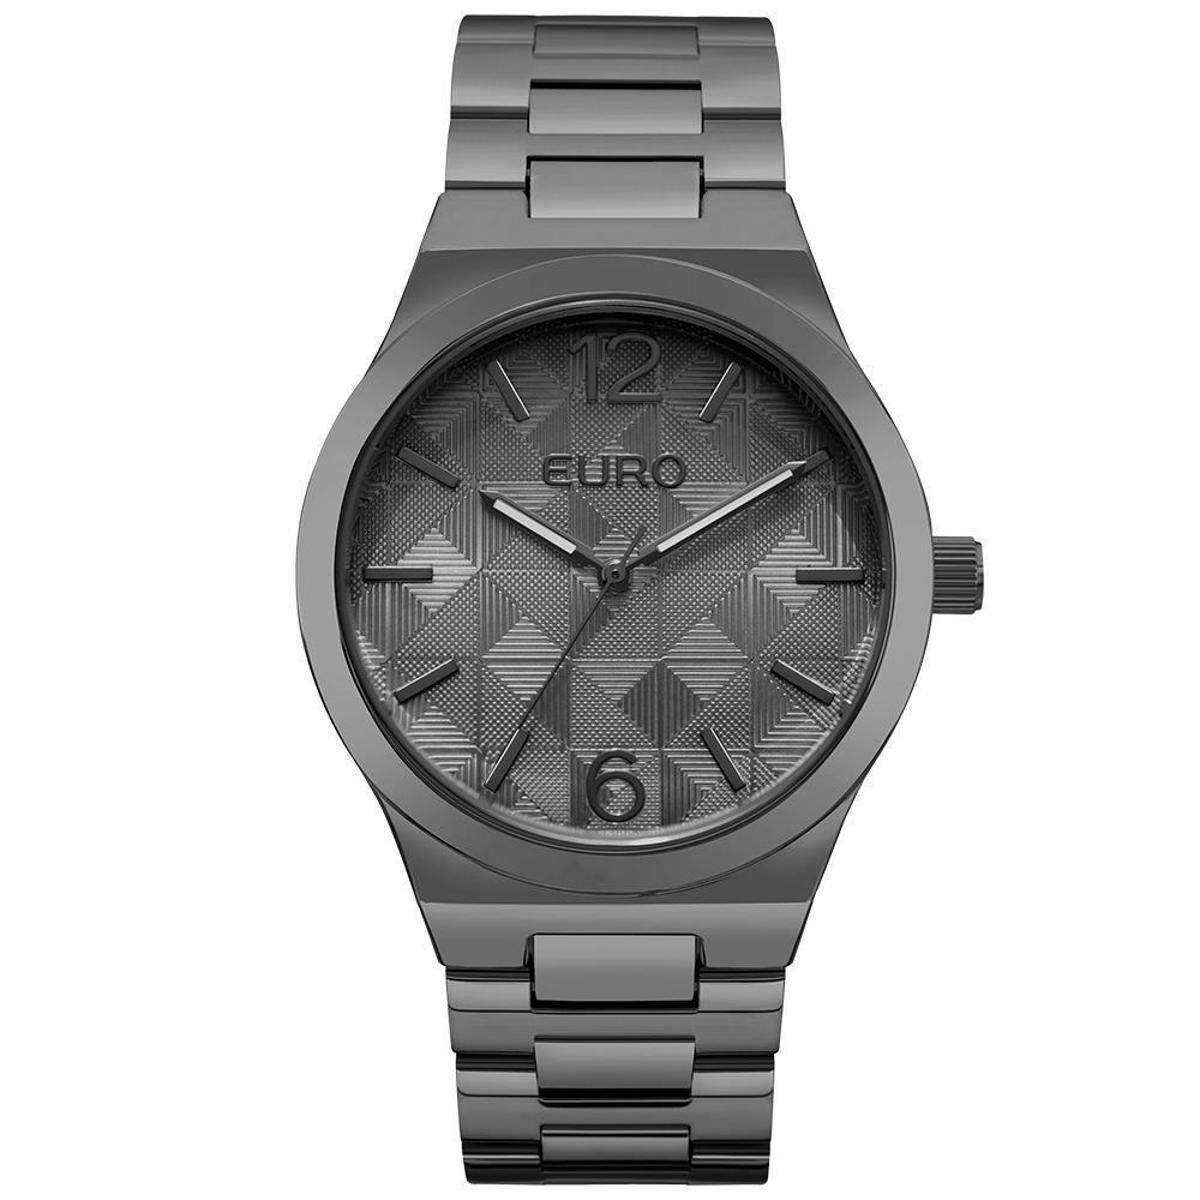 Relógio Feminino Euro EU2036YLM 4P 40mm Pulseira Fume - Cinza ... 03a036c6e2